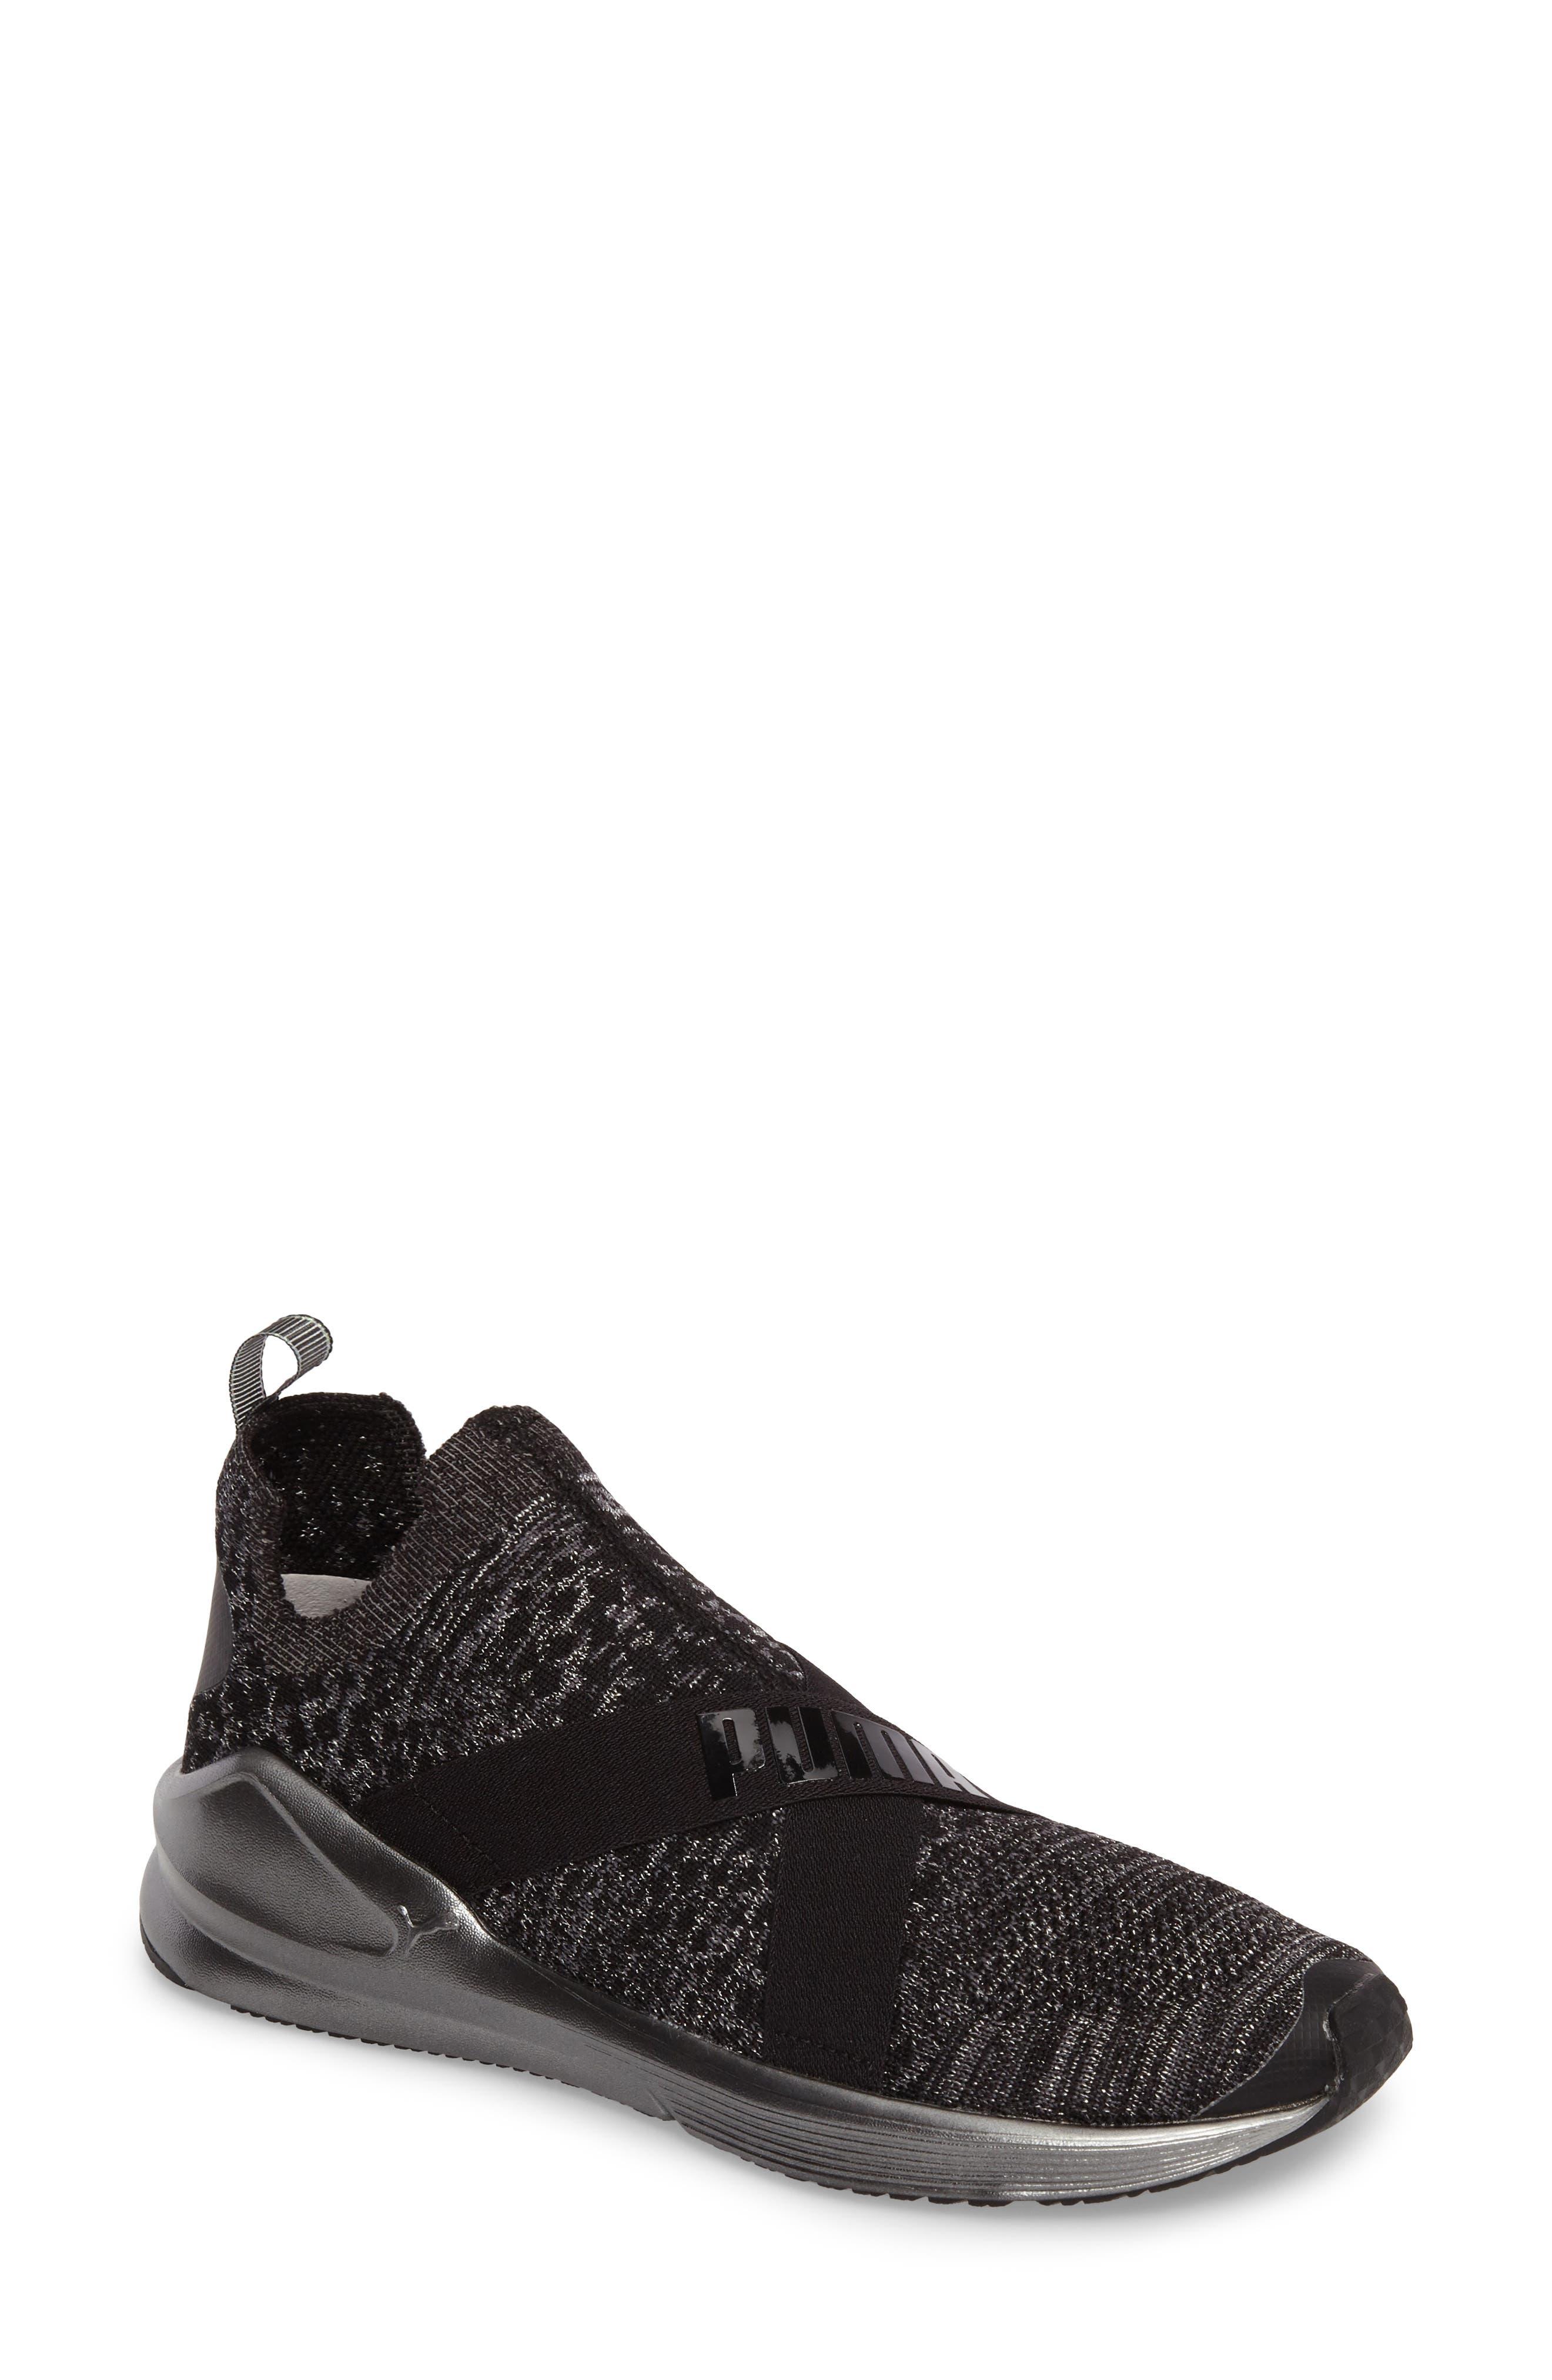 Fierce evoKnit Training Sneaker,                         Main,                         color, 003